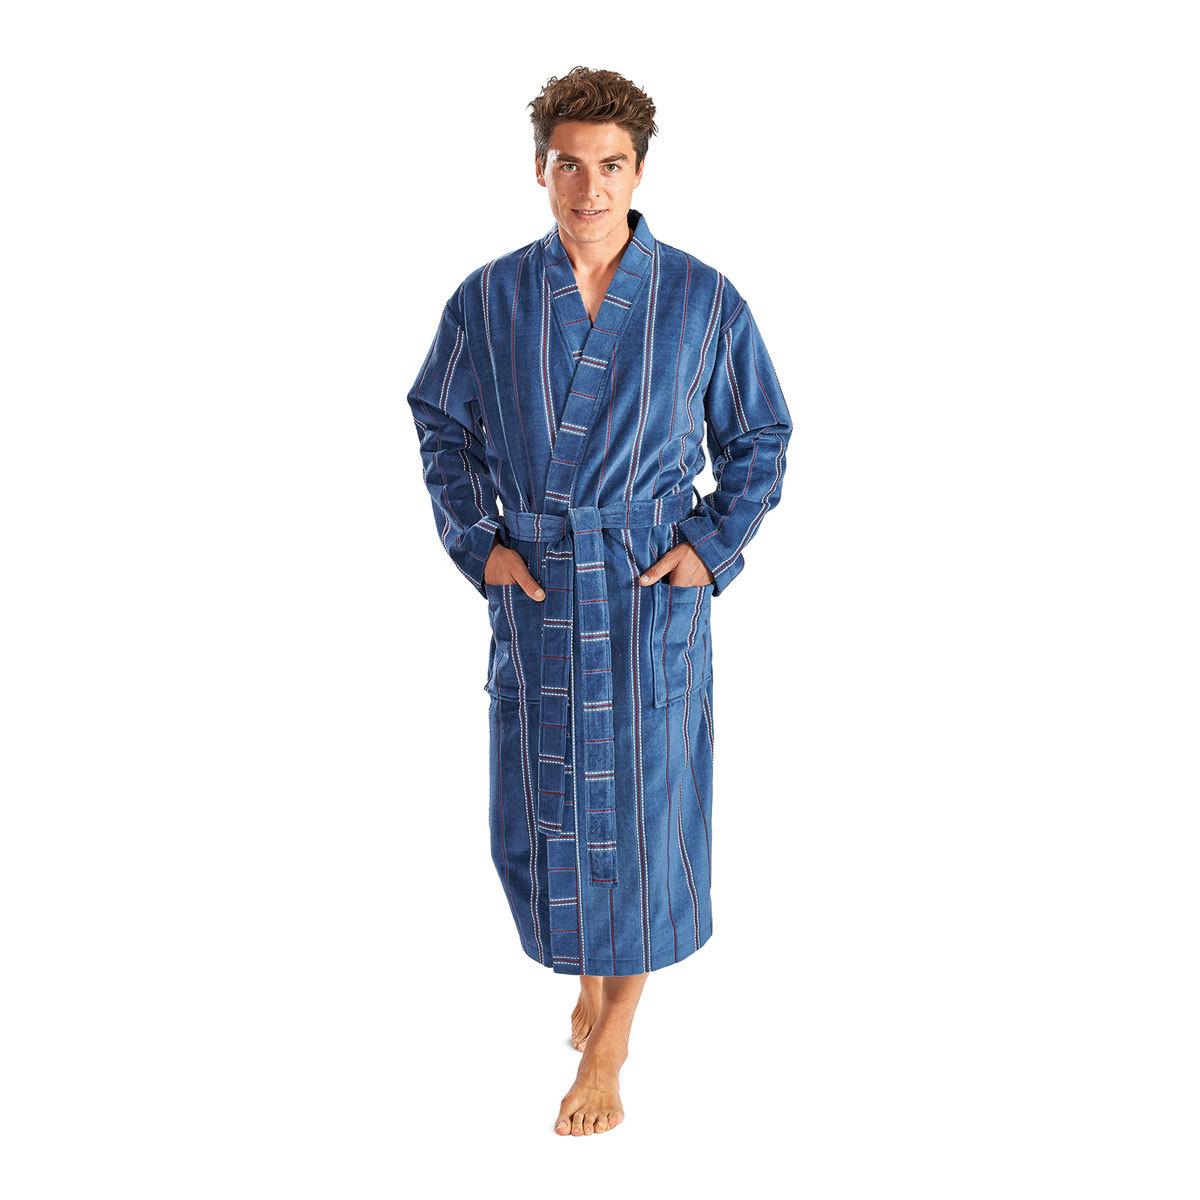 wewo fashion Herren Kimono 1597 jeans